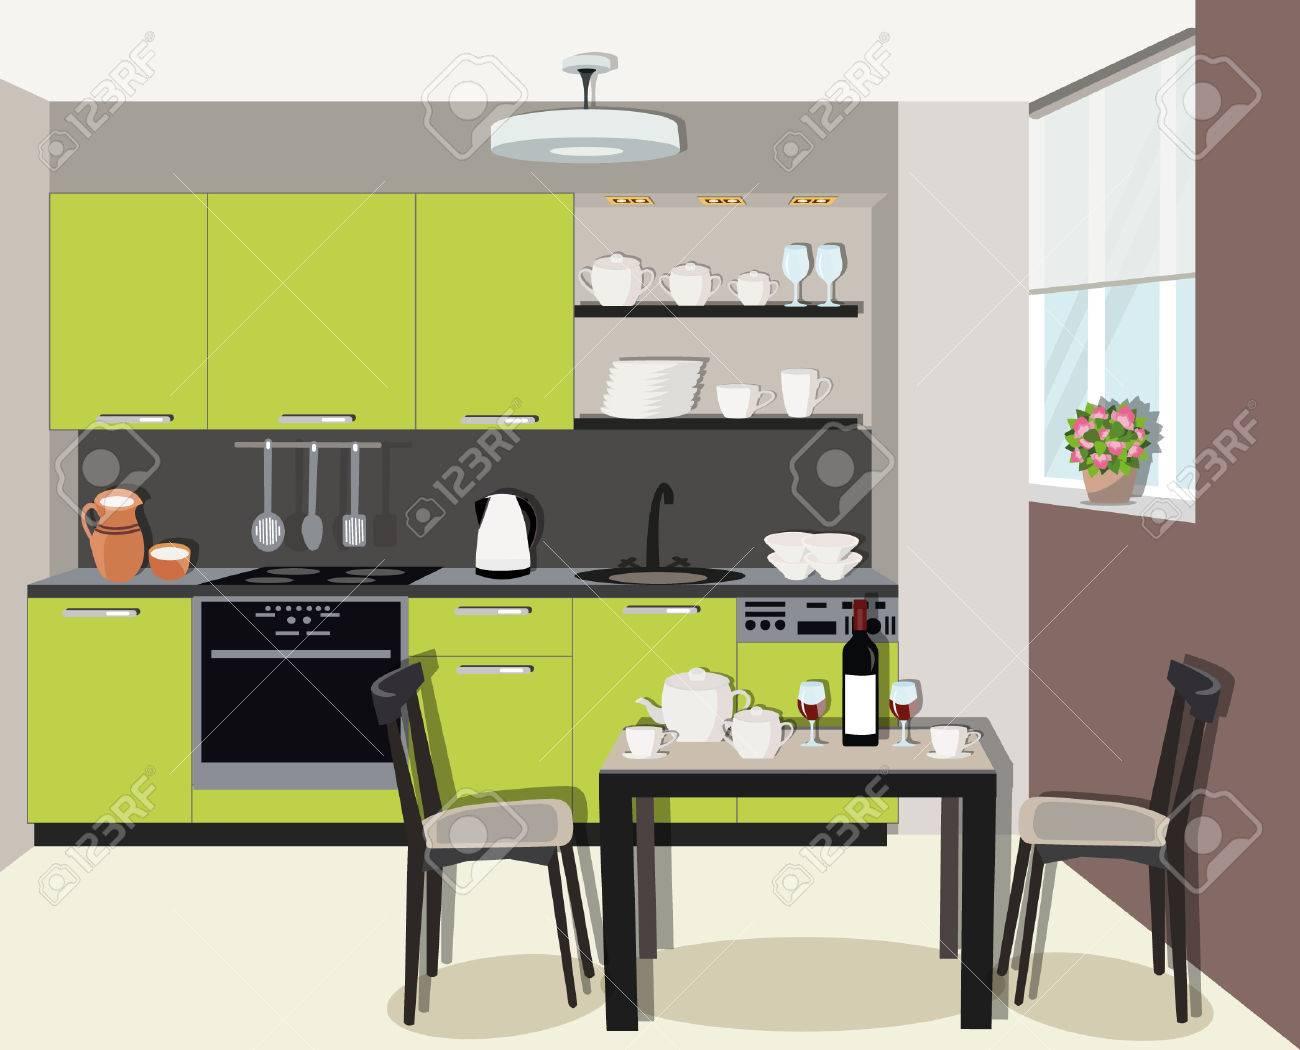 Design d\'intérieur cuisine moderne et confortable avec cuisinière, placard  et vaisselle. Salle à manger avec table, chaises et fenêtre. ...